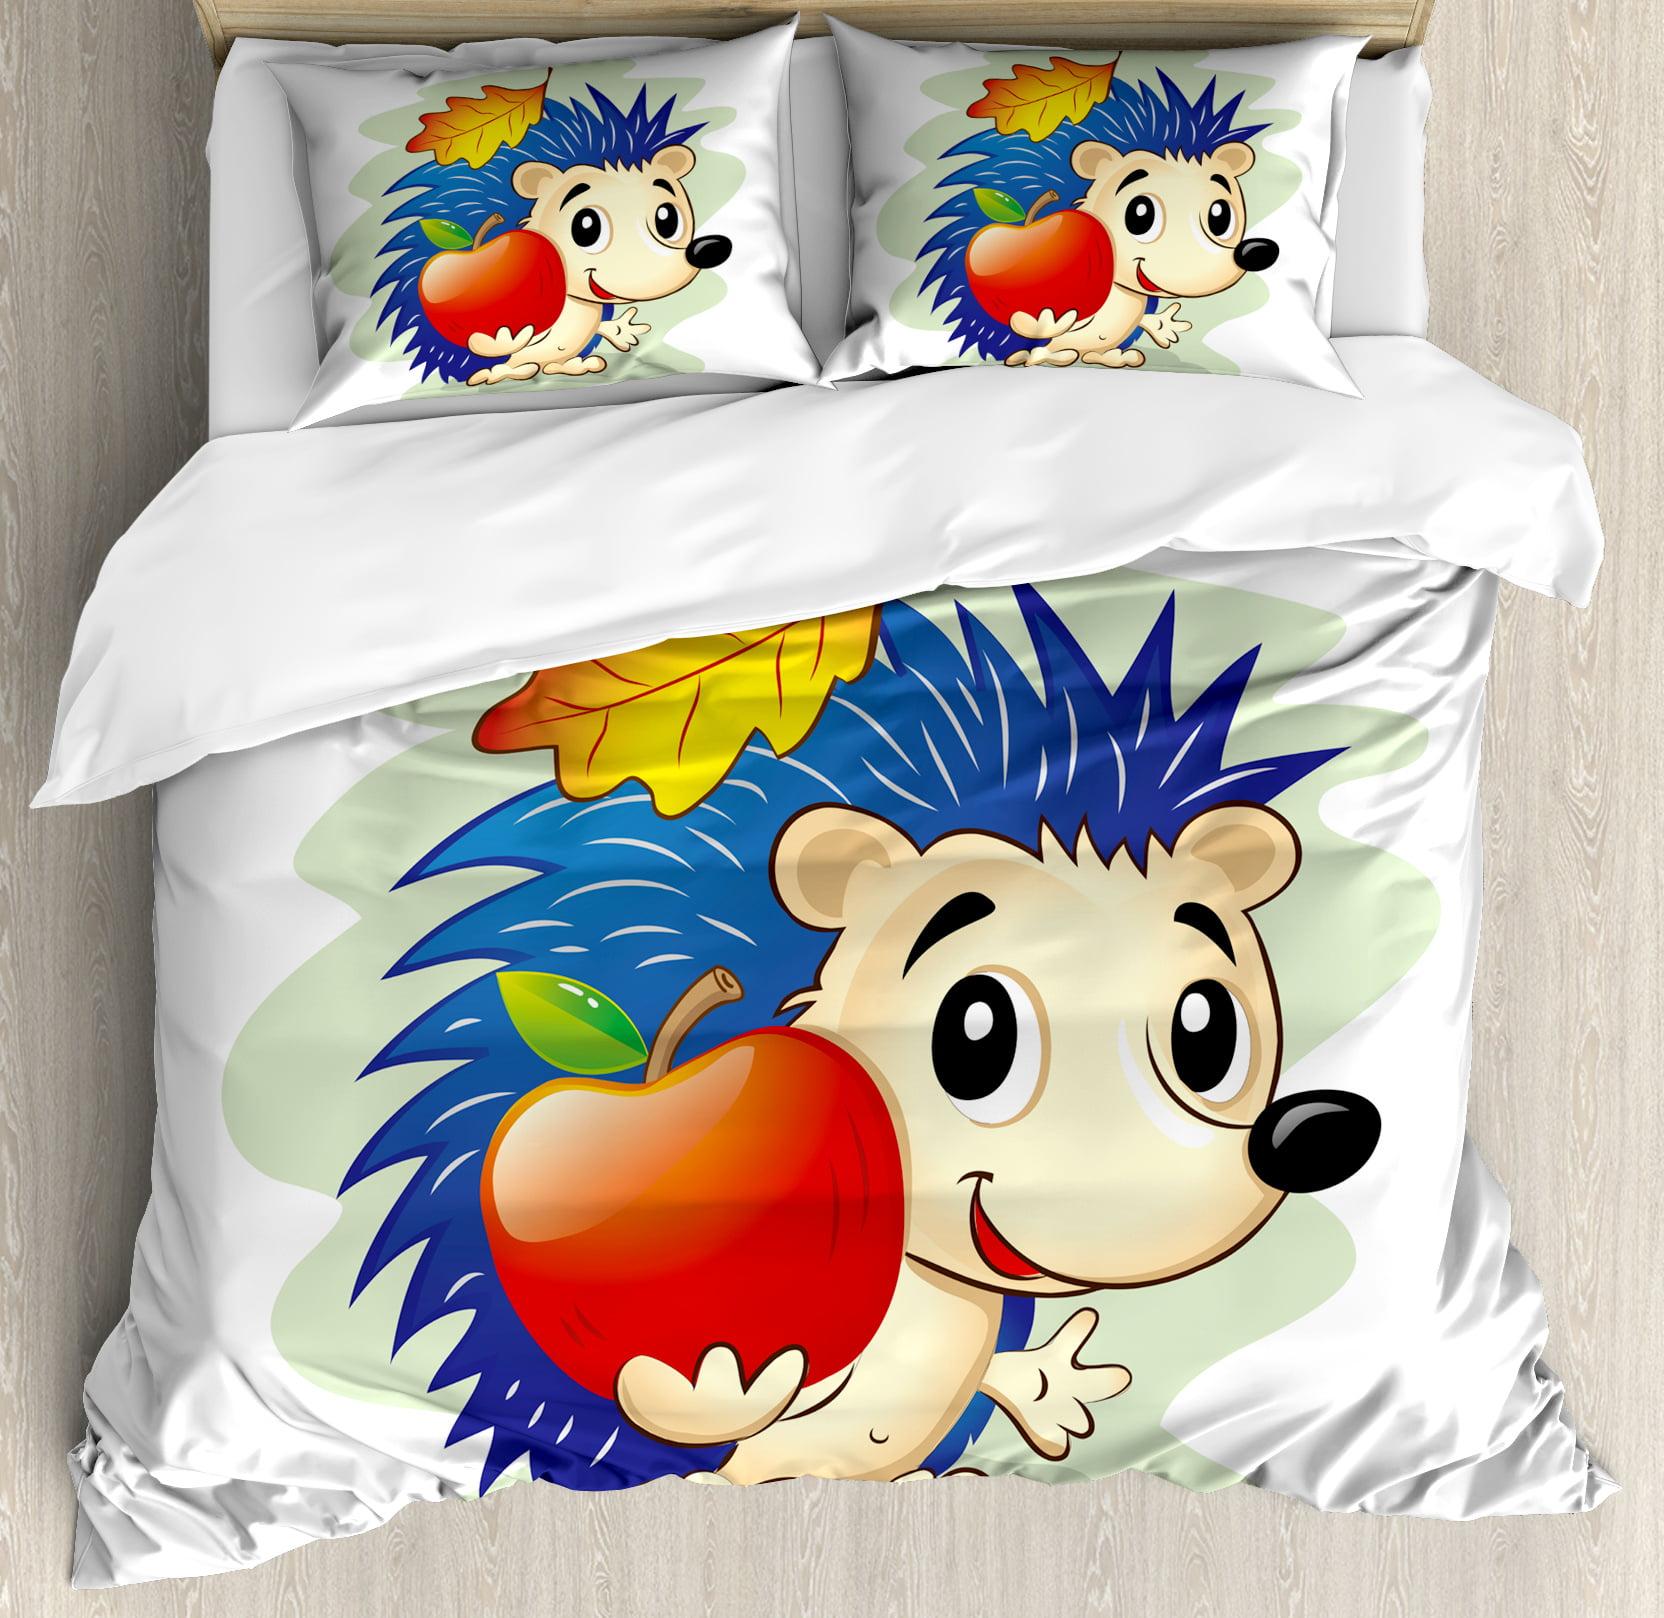 Hedgehog King Size Duvet Cover Set, Colorful Digital Art ...